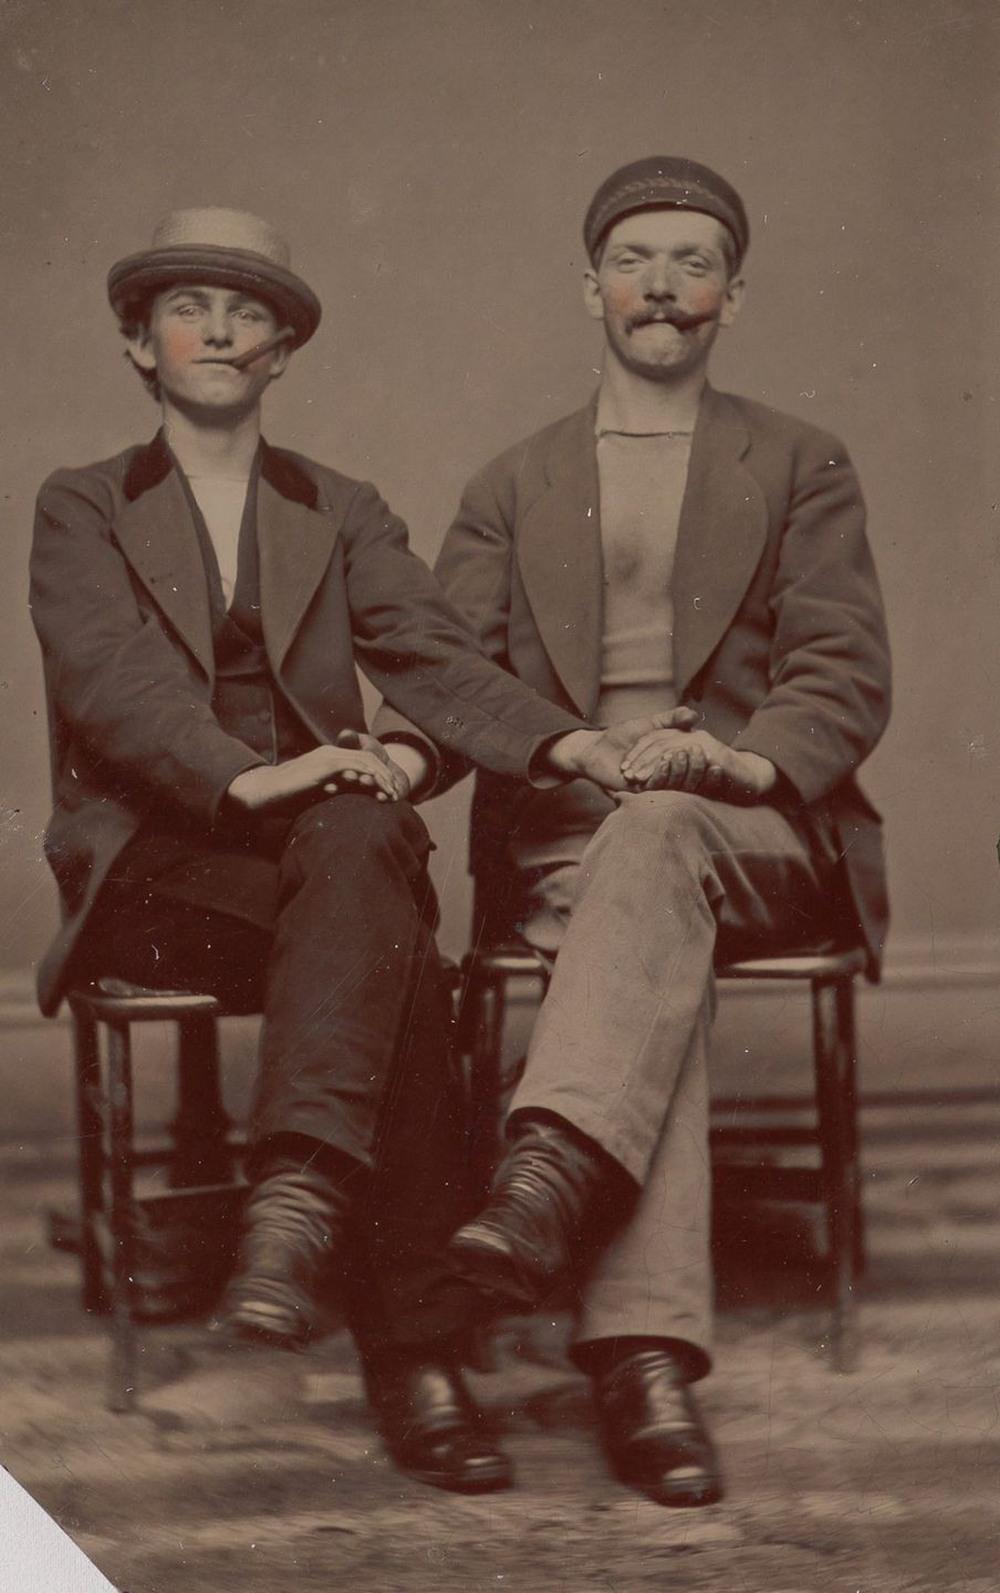 Броманс в викторианскую эпоху: интимные мужские объятия в редких фотографиях конца 1800-х годов  1